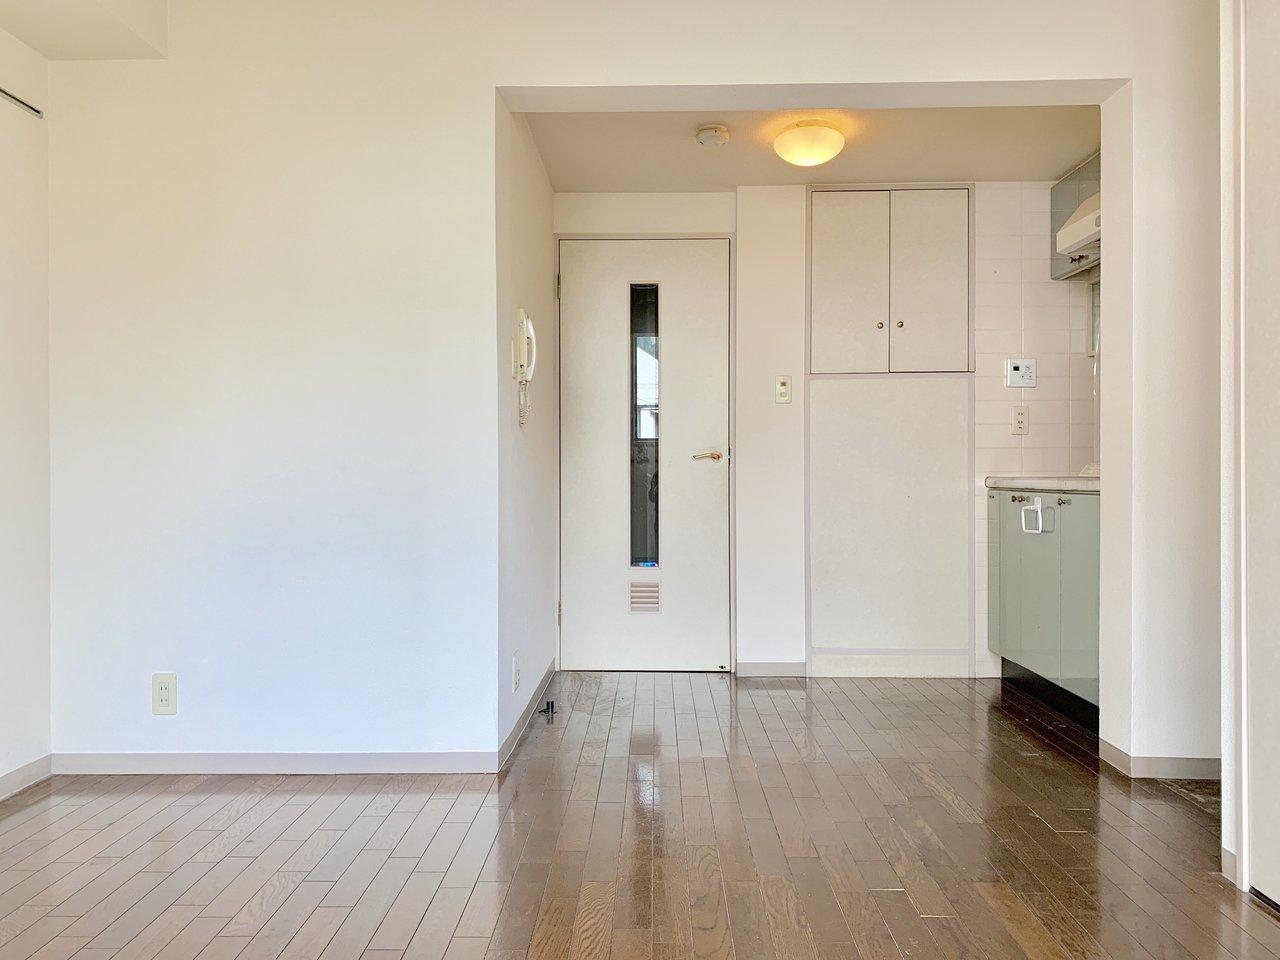 ややゆとりのある設計の1R。レトロなミントグリーンのキッチンが可愛いですね。水回りがしっかり独立しているのもポイント。